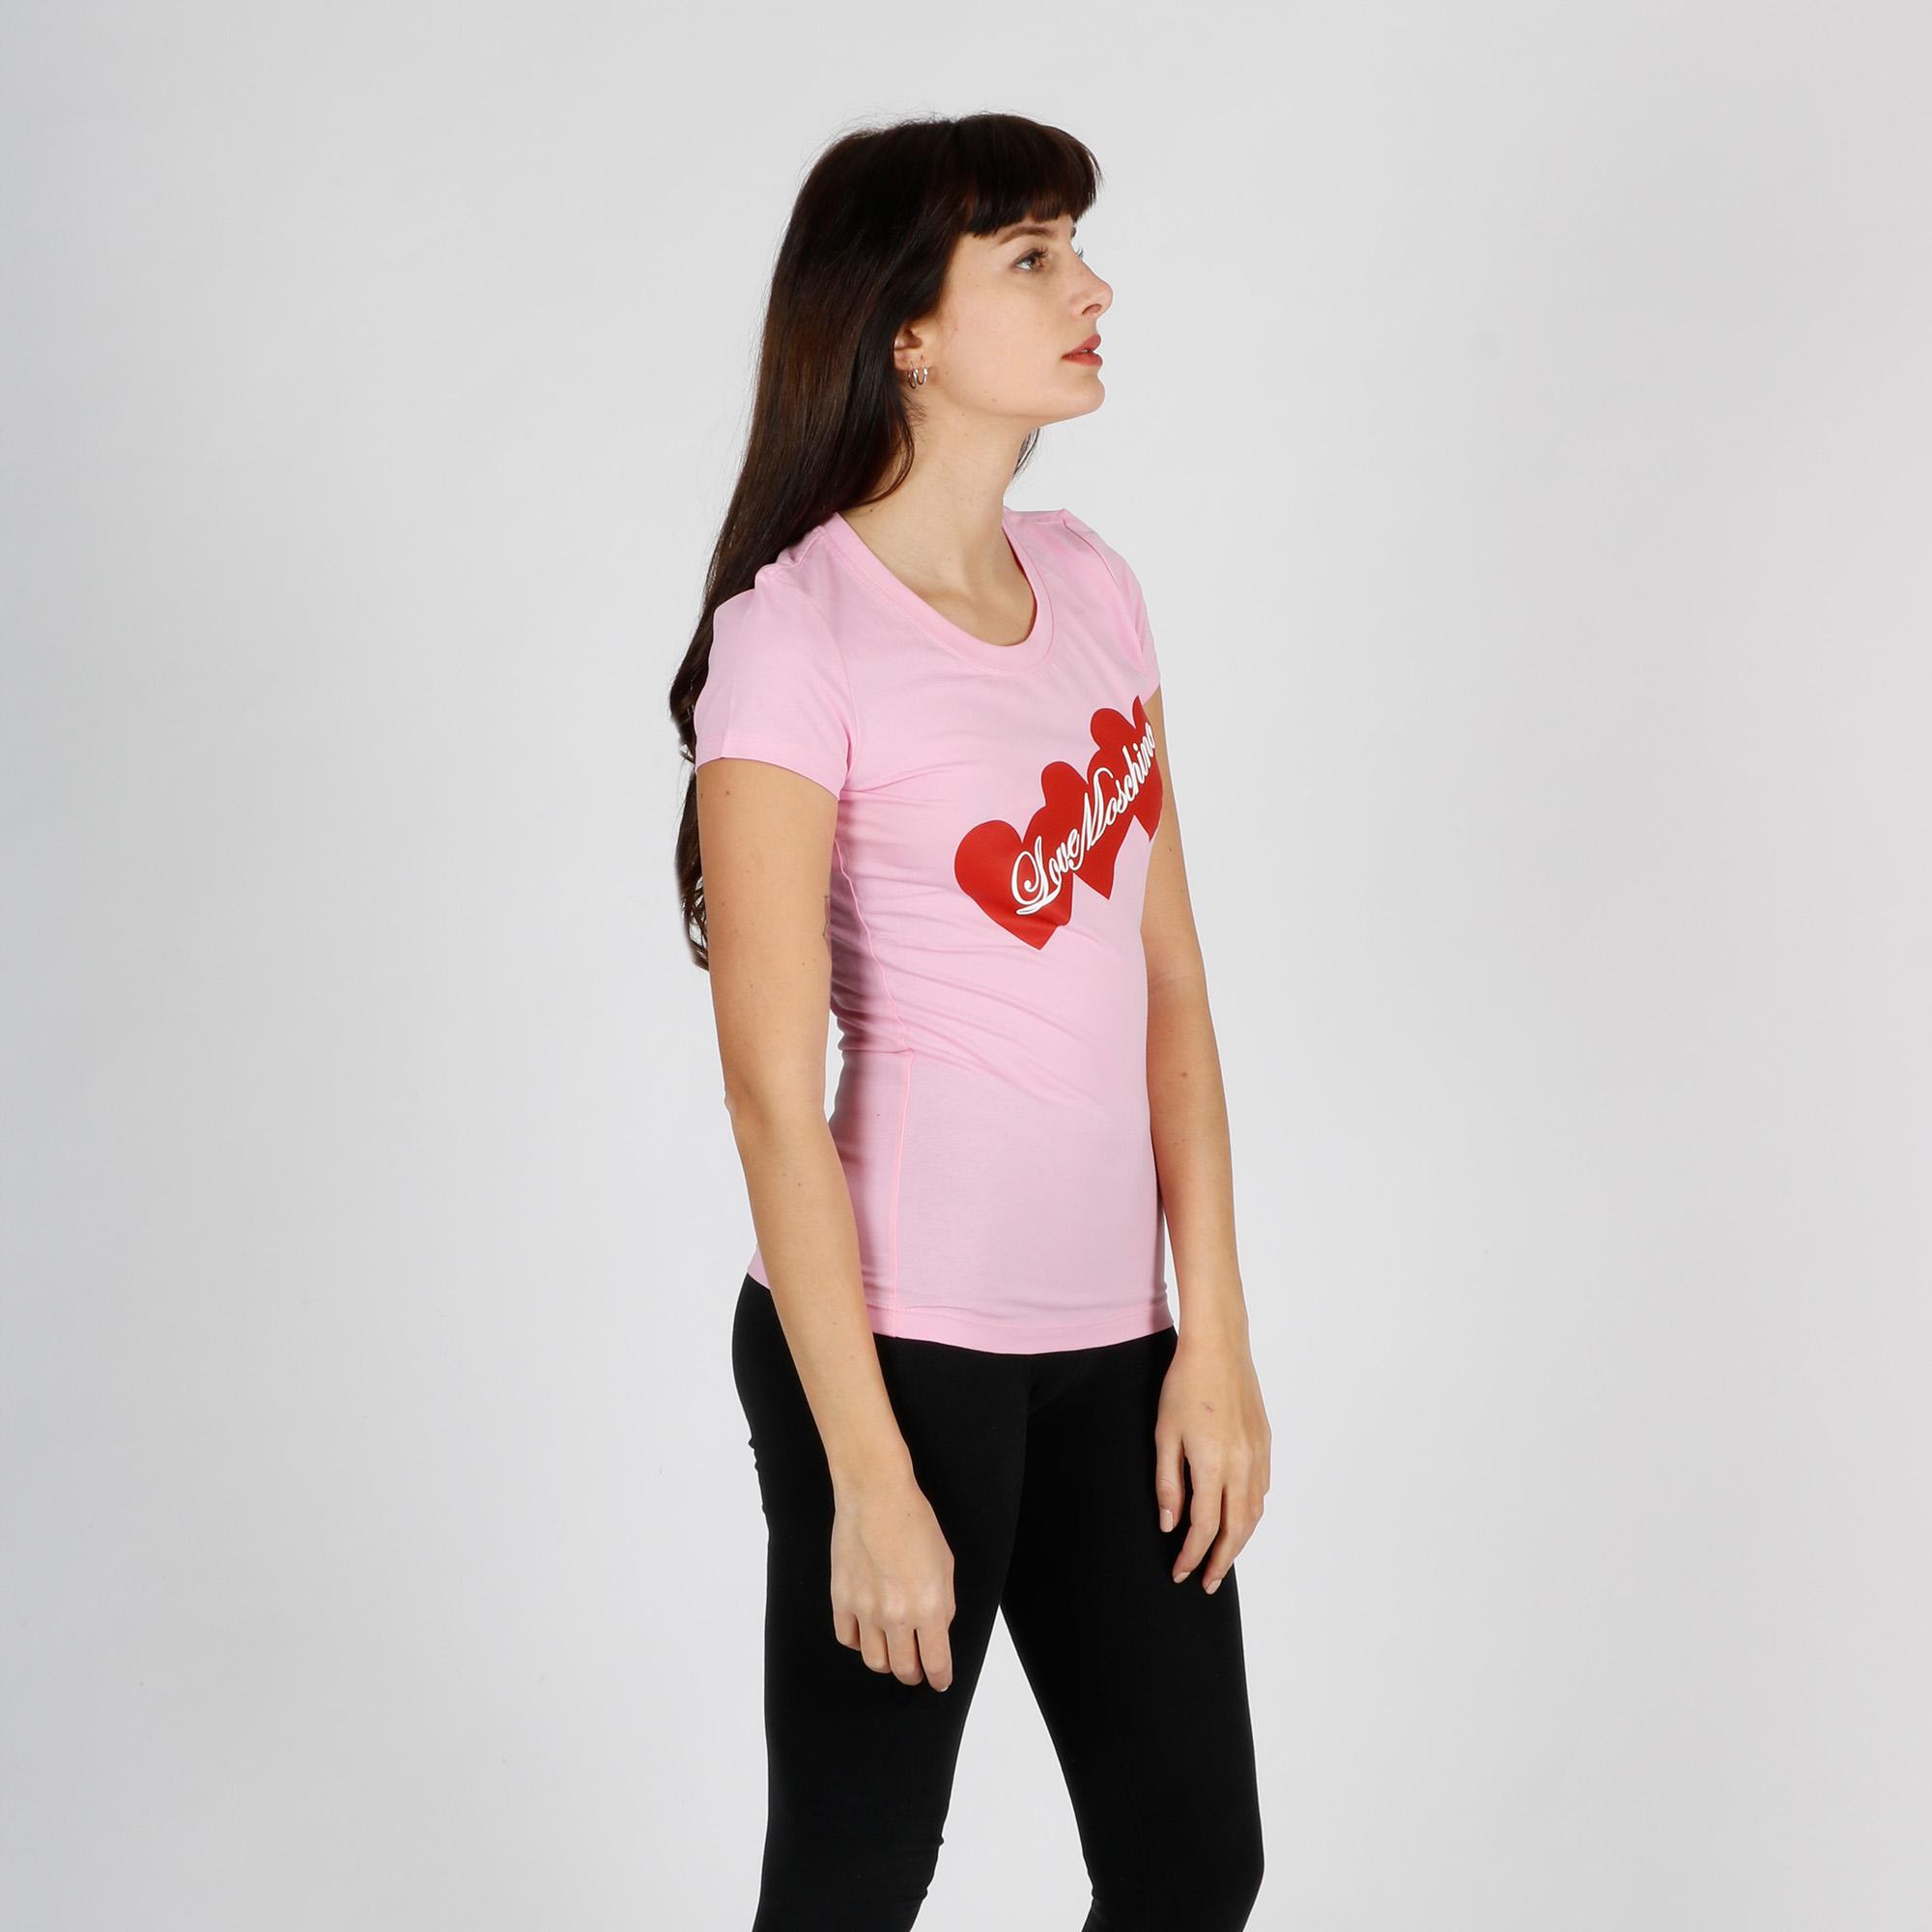 T-shirt tris di cuori - Rosa